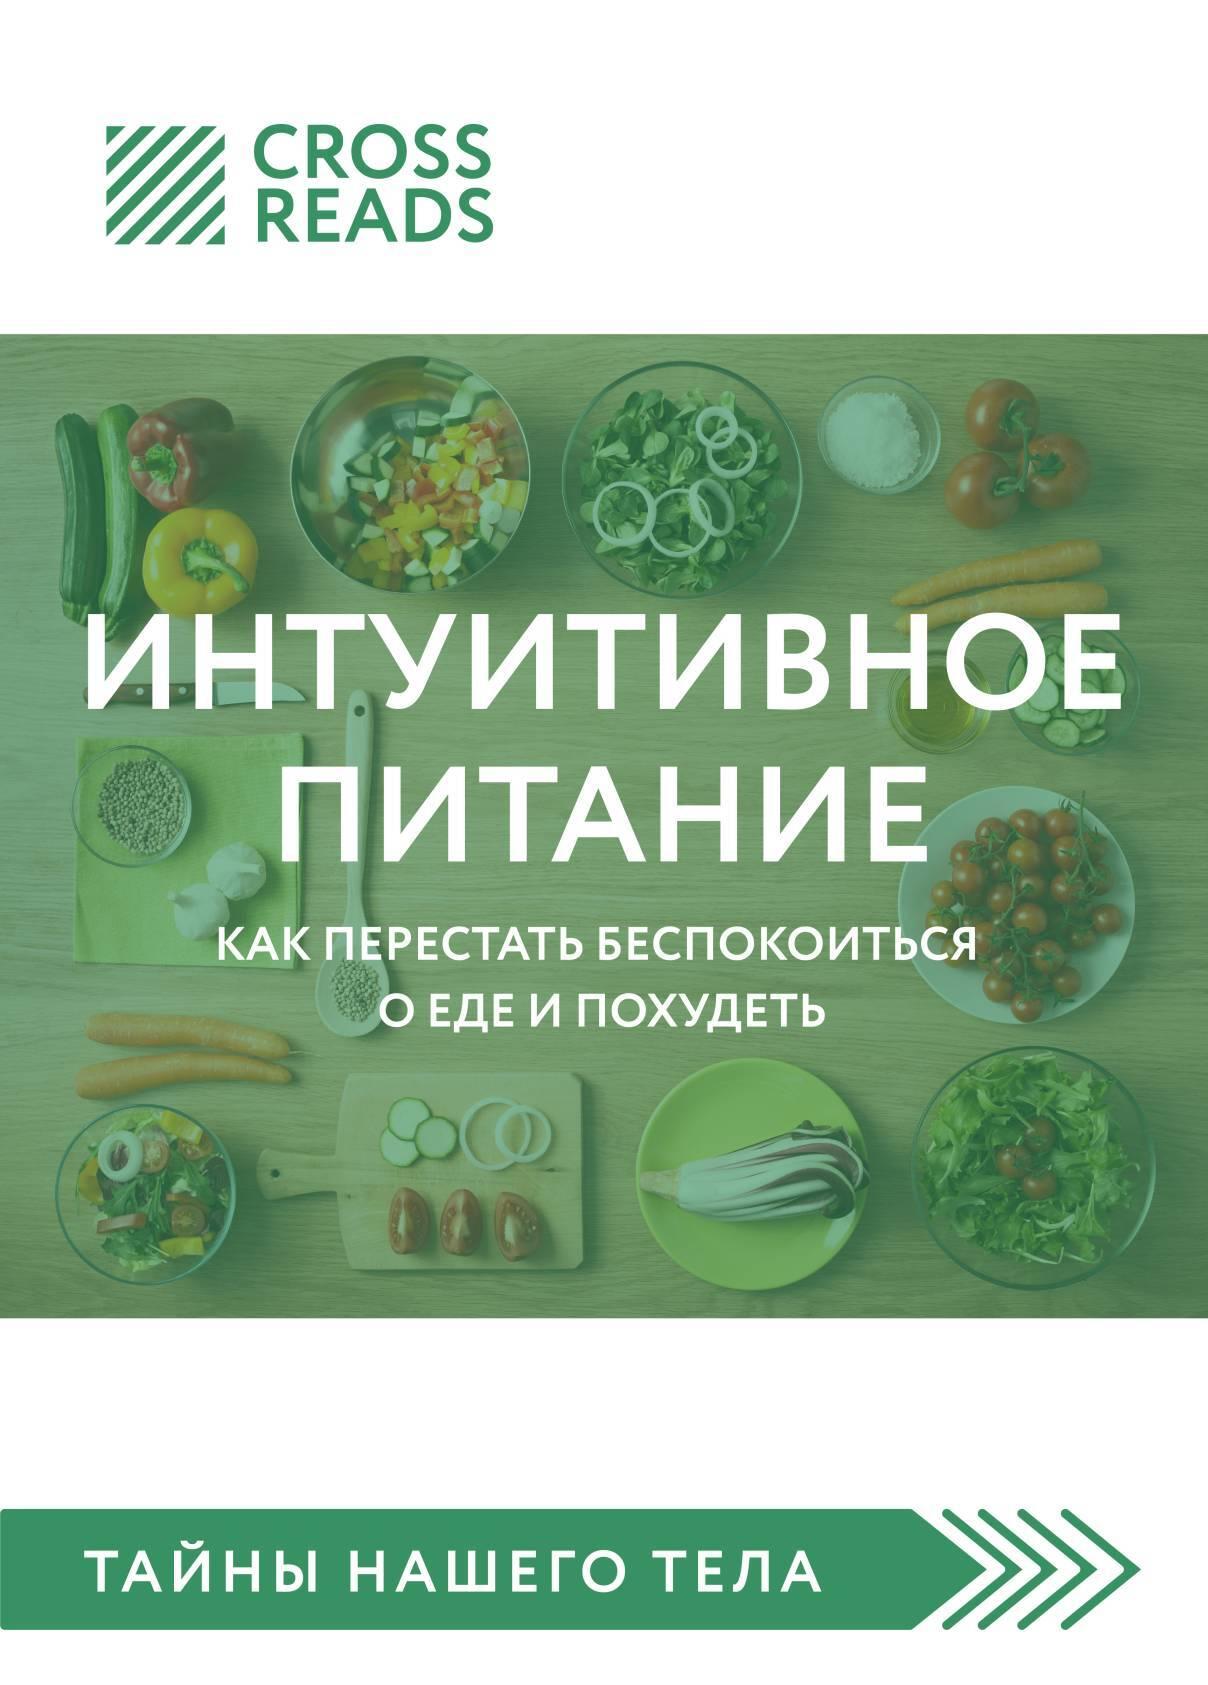 Обзор на книгу Светланы Бронниковой «Интуитивное питание. Как перестать беспокоиться о еде и похудеть»